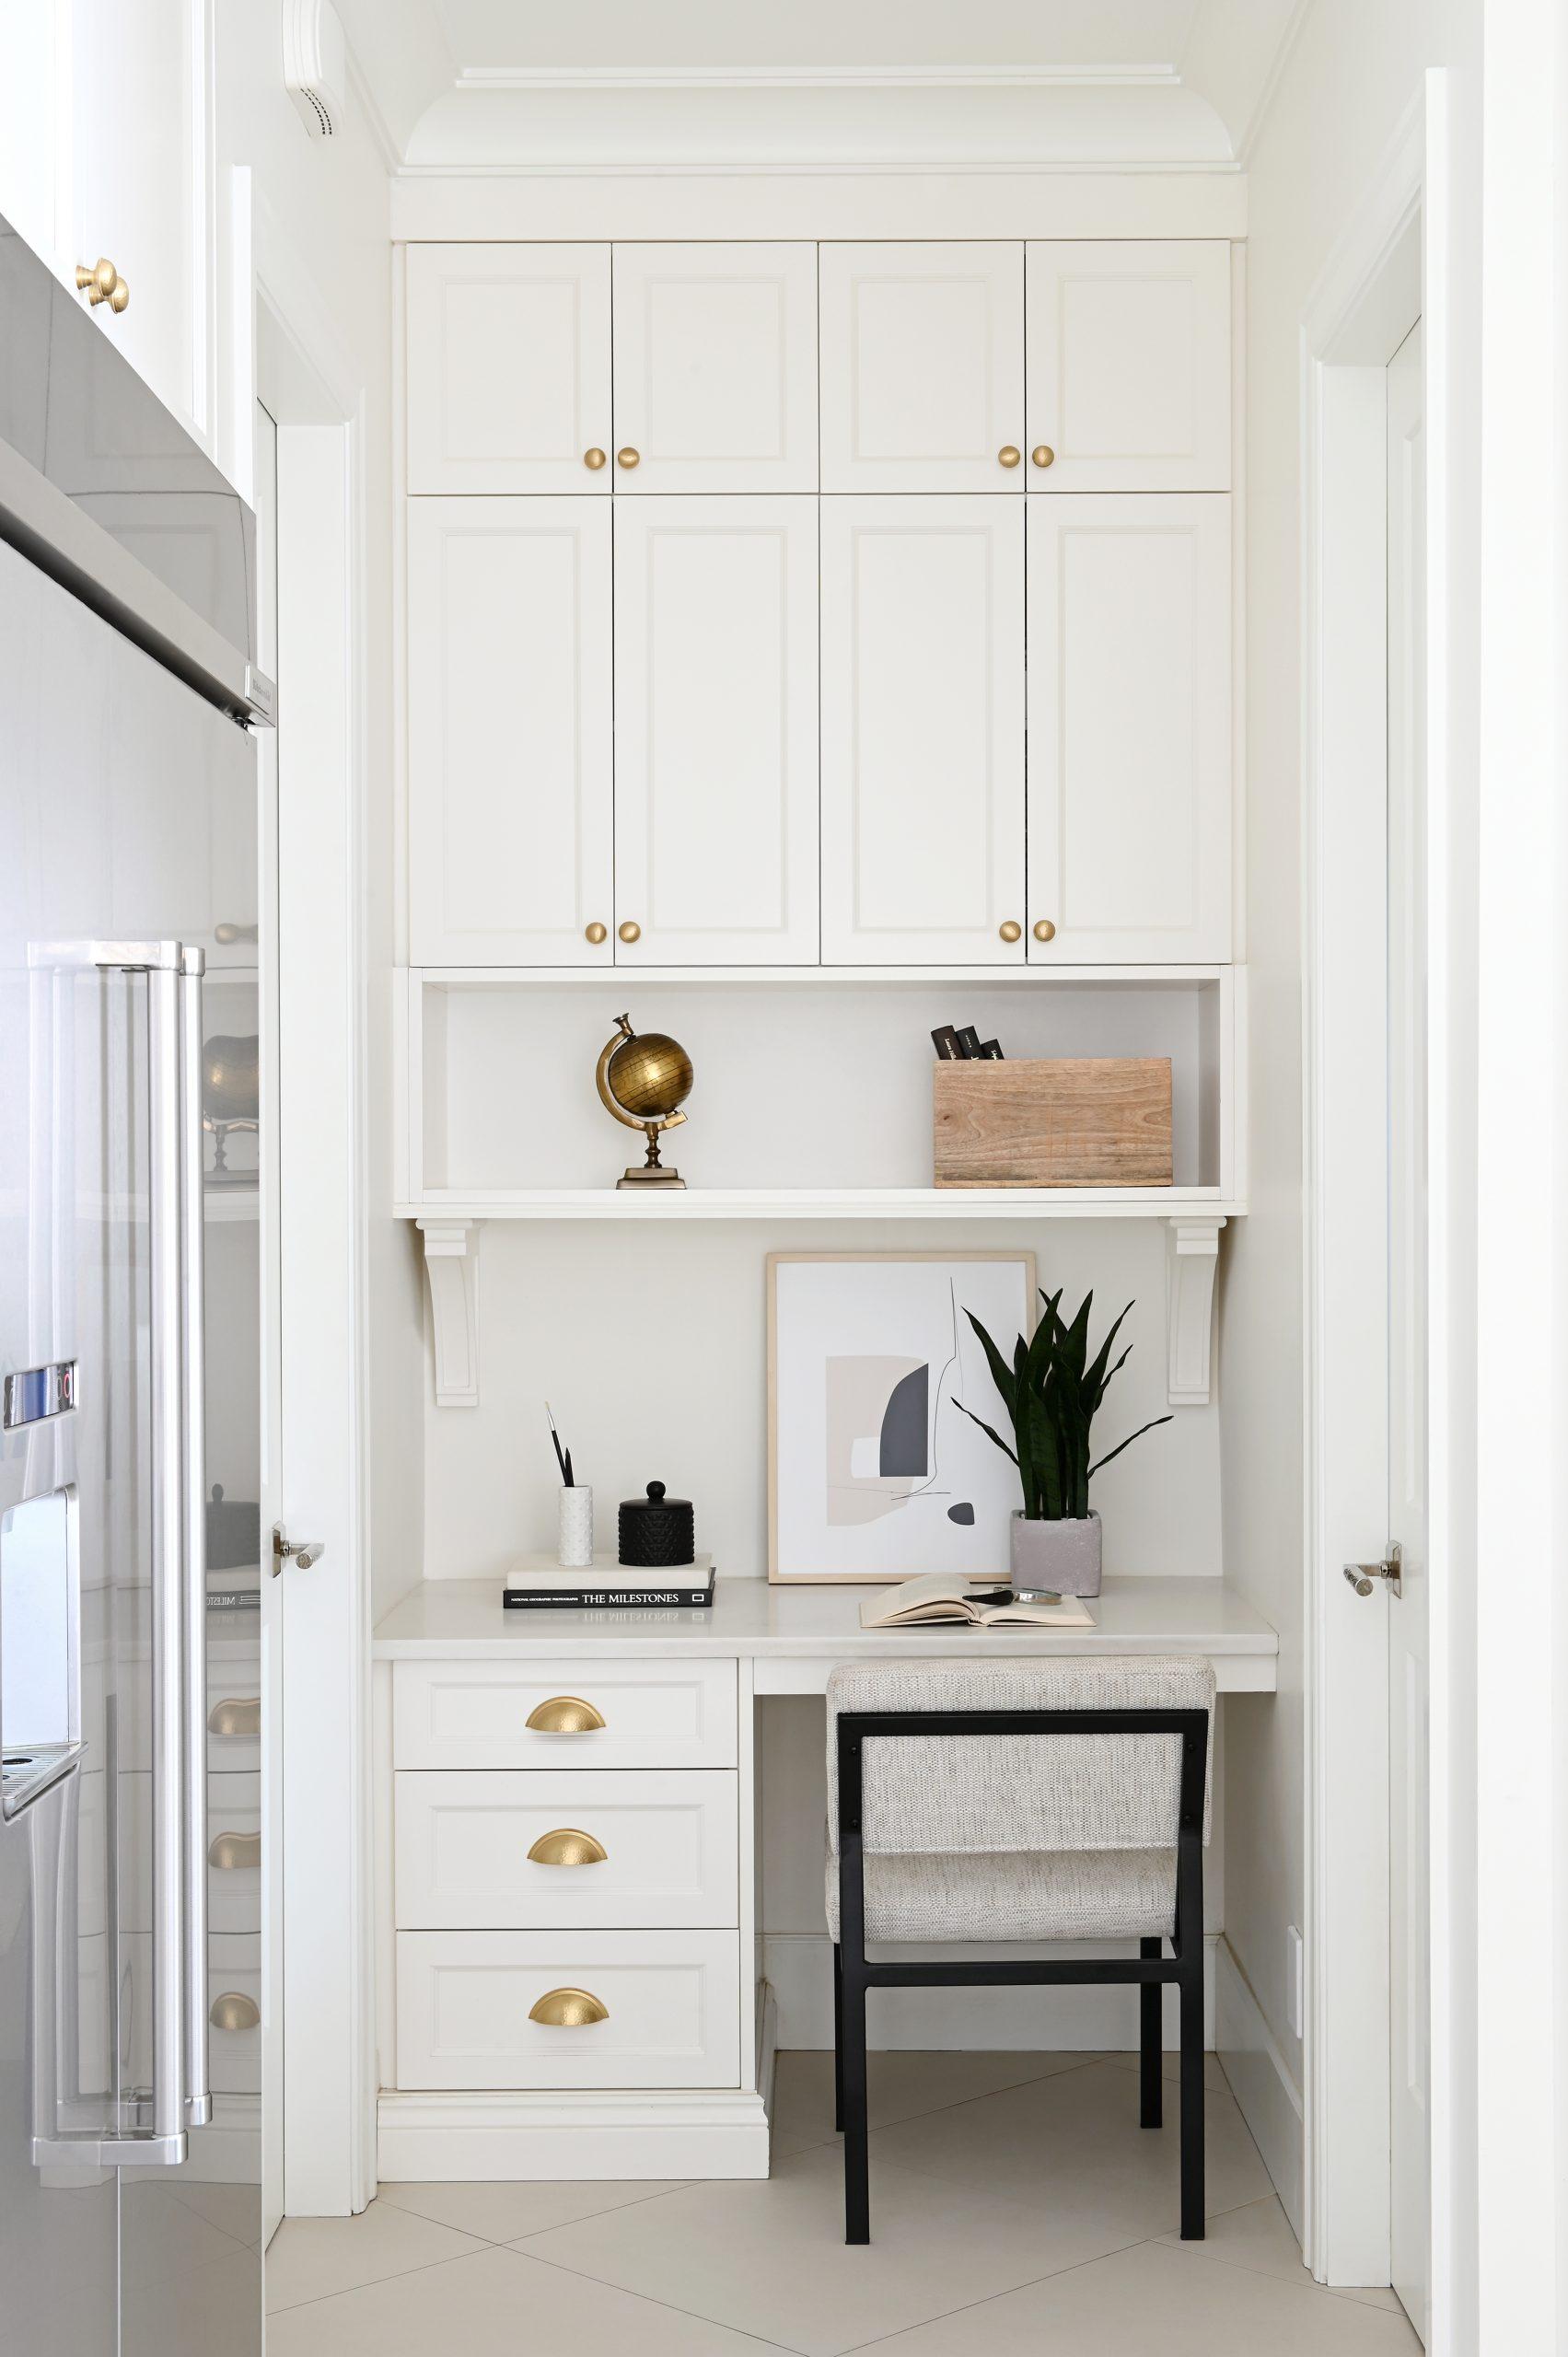 Maria De Cotis Interior Design Vancouver Bright Kitchen Custom Design Gold Hardware